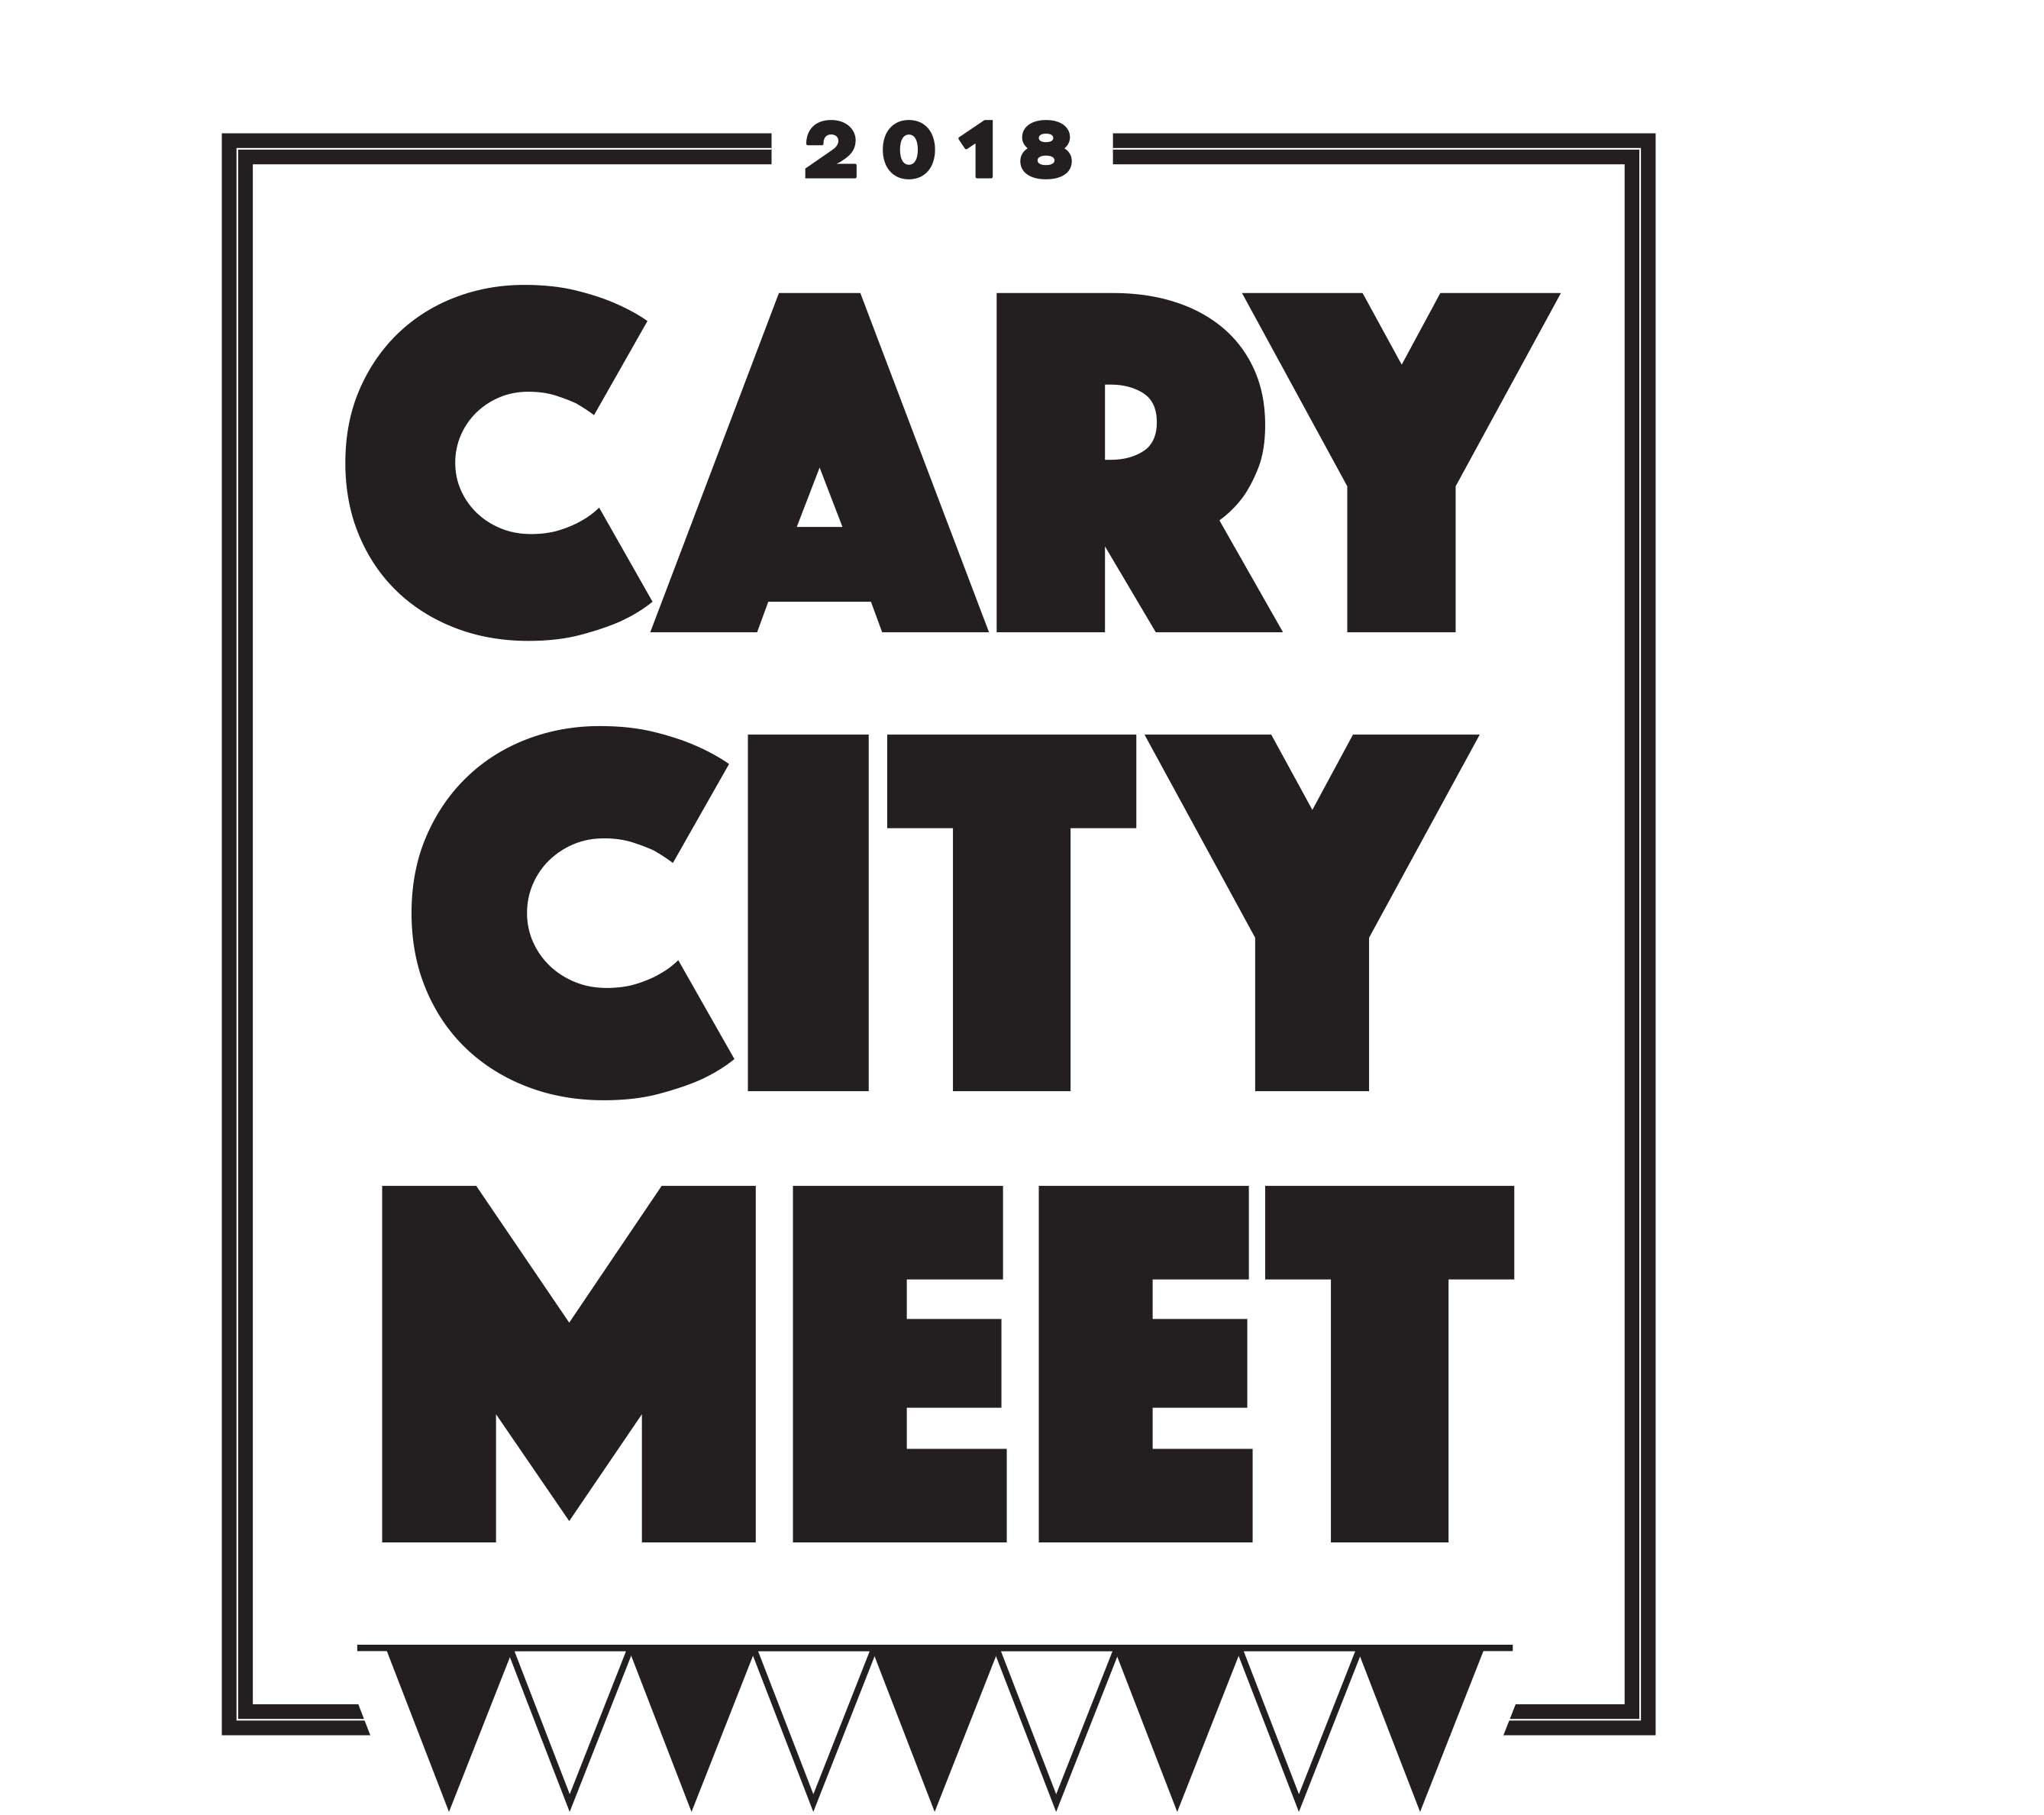 Cary City meet 2018